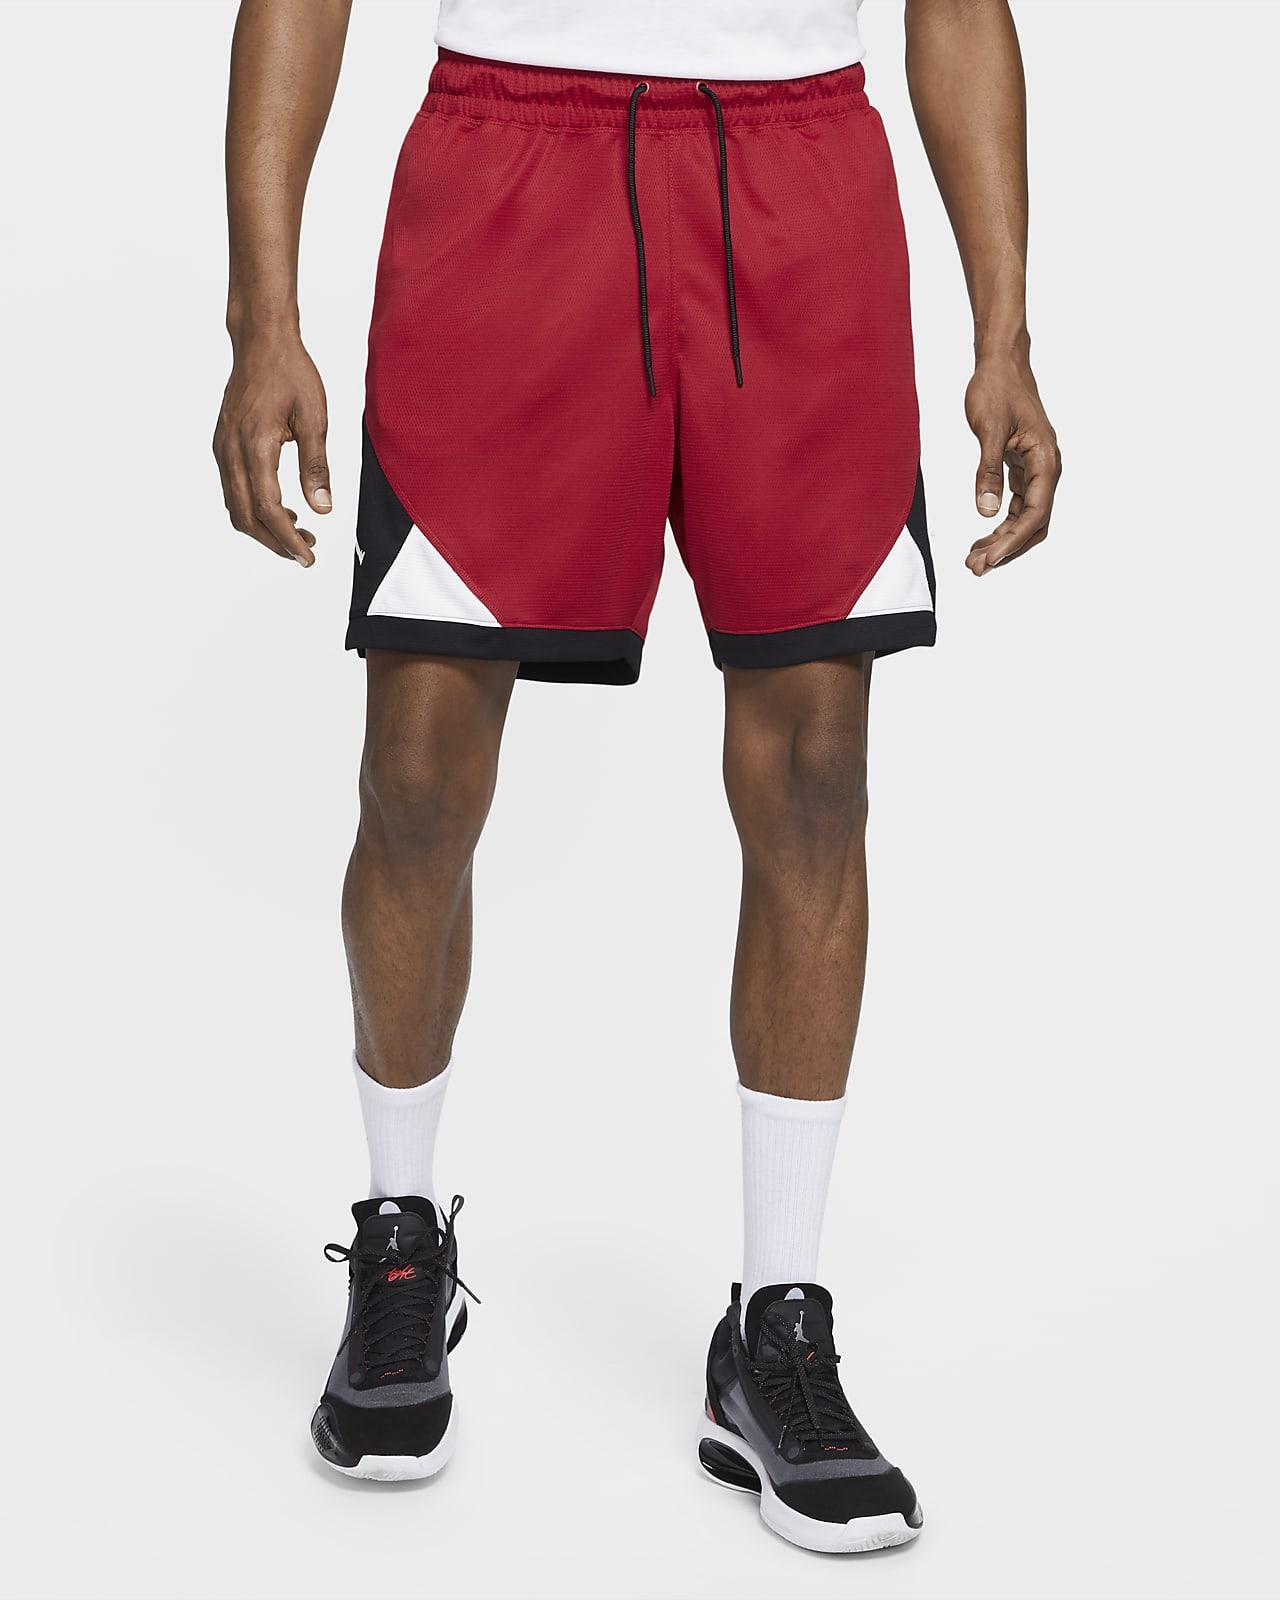 Shorts con forma de diamante para hombre Jordan Dri-FIT Air